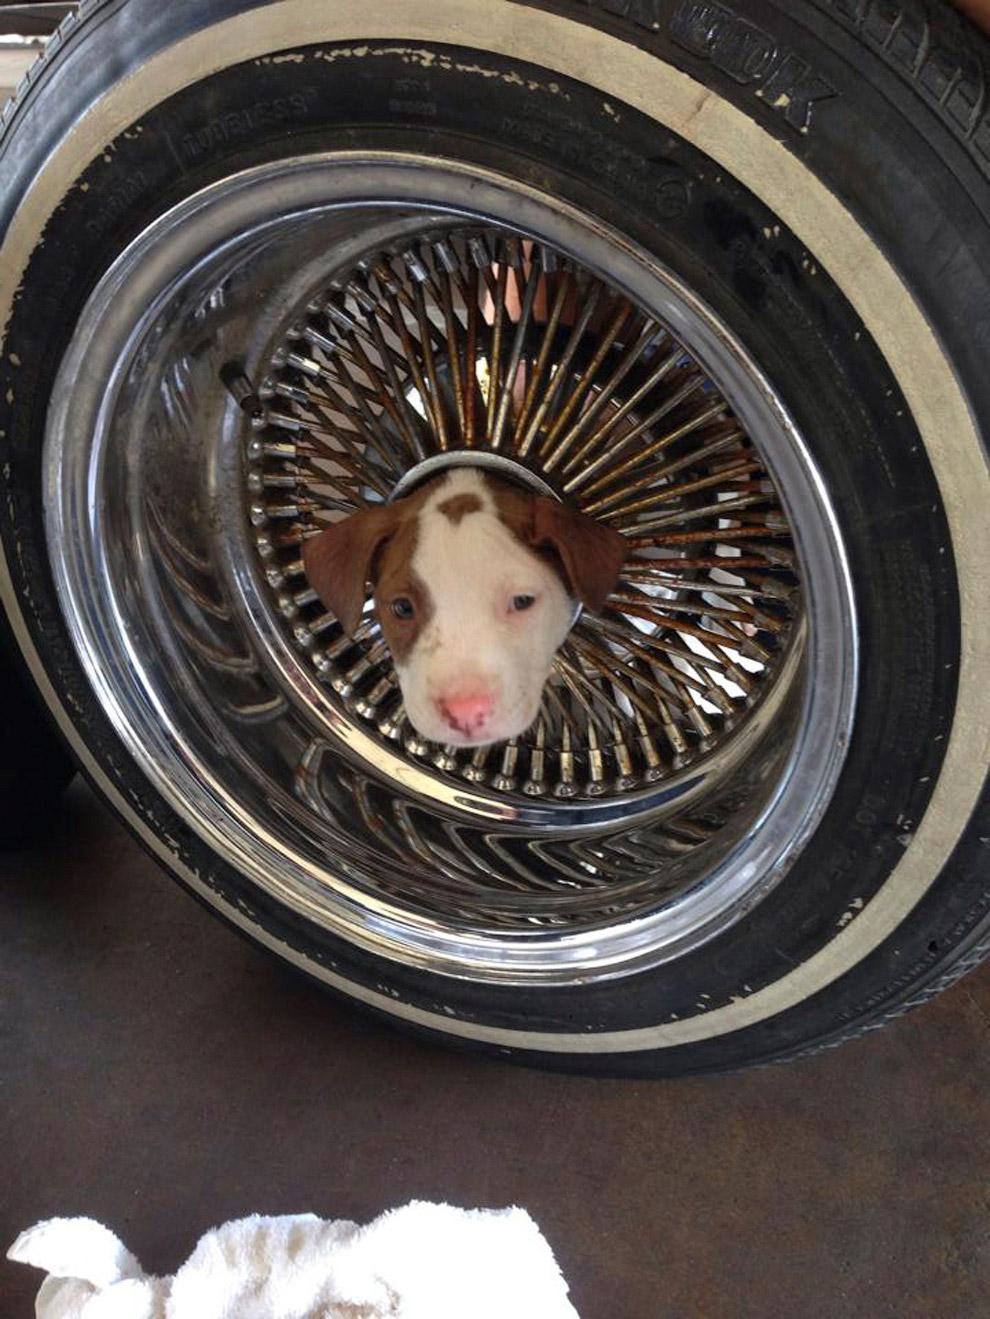 Щенок умудрился застрять в середине автомобильного колеса